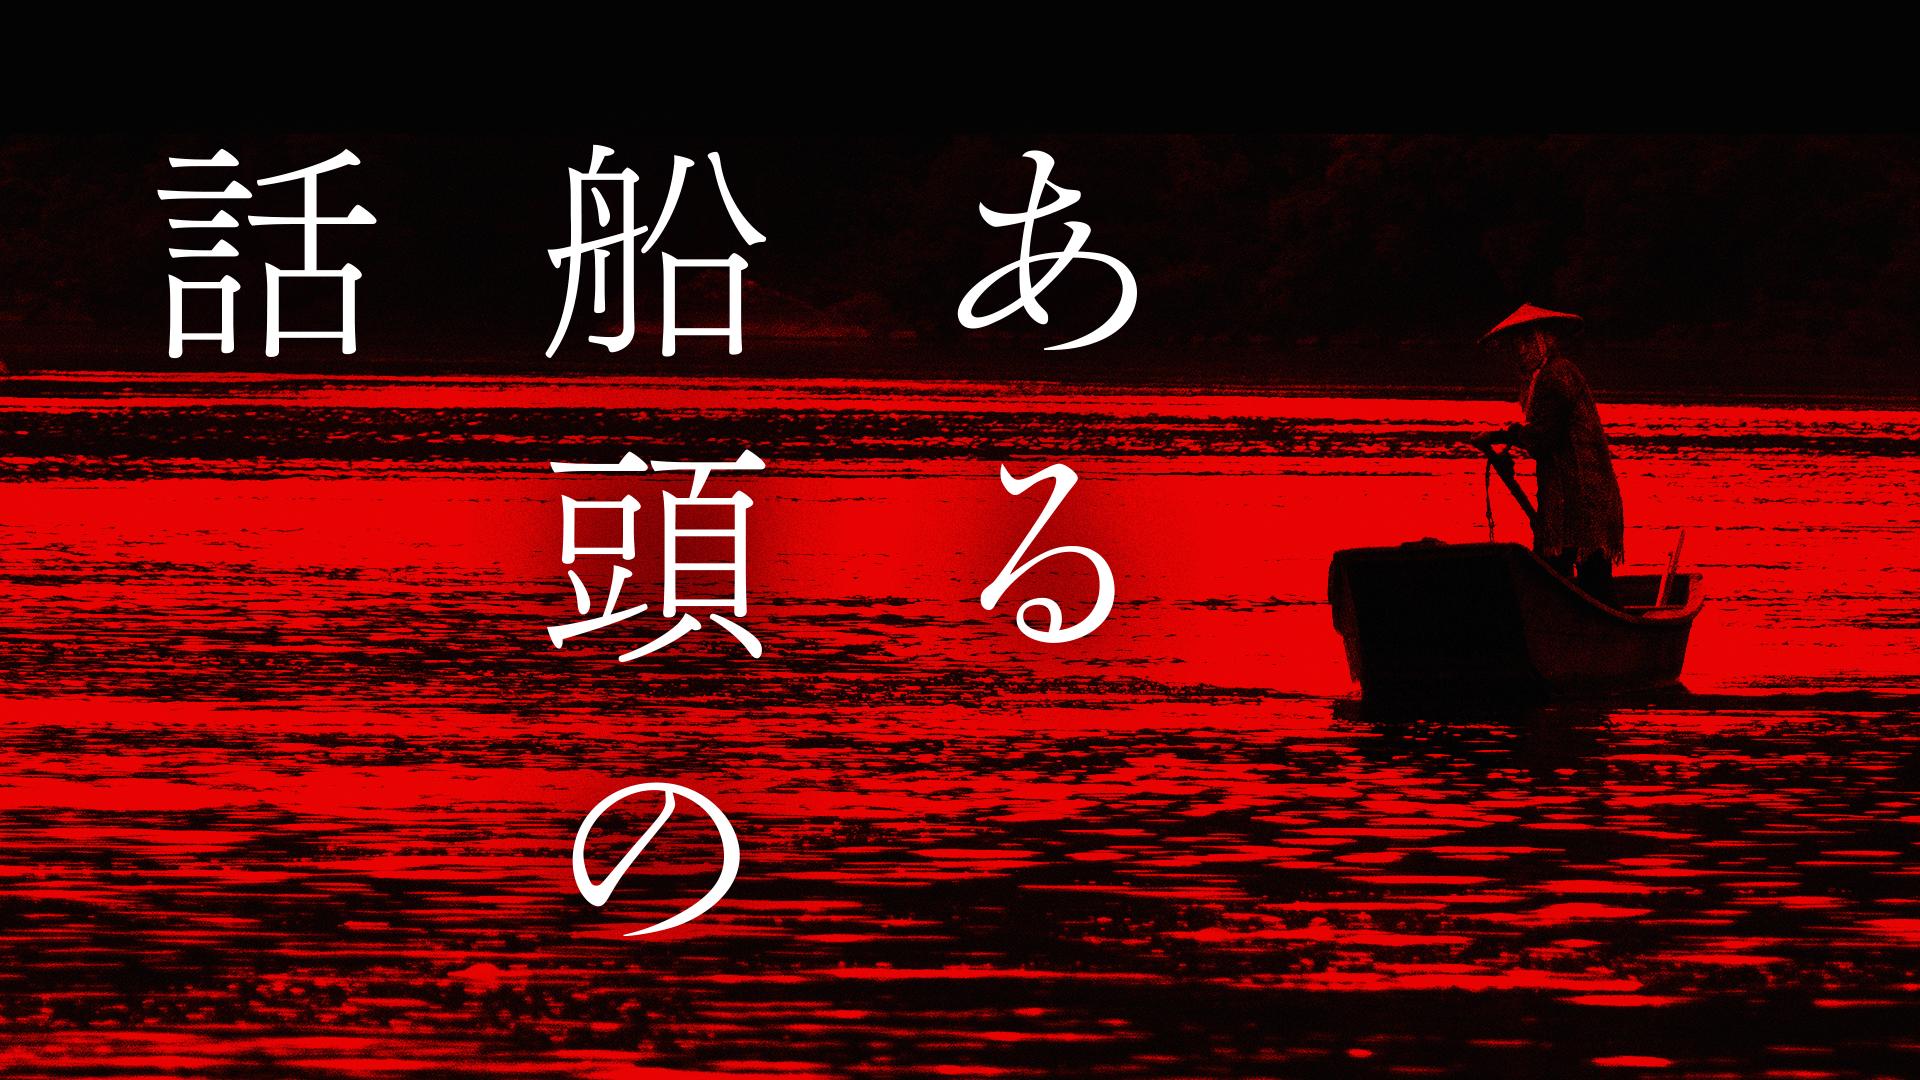 ある船頭の話(映画)無料動画フル視聴!脱Pandora/Dailymotion!